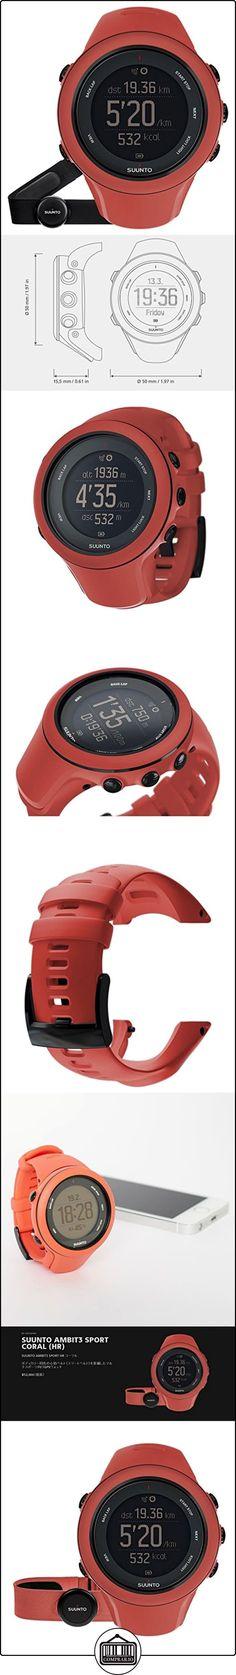 Suunto Ambit3 Sport HR - Reloj de entrenamiento GPS para mujer, color amarillo, talla M  ✿ Relojes para mujer - (Gama media/alta) ✿